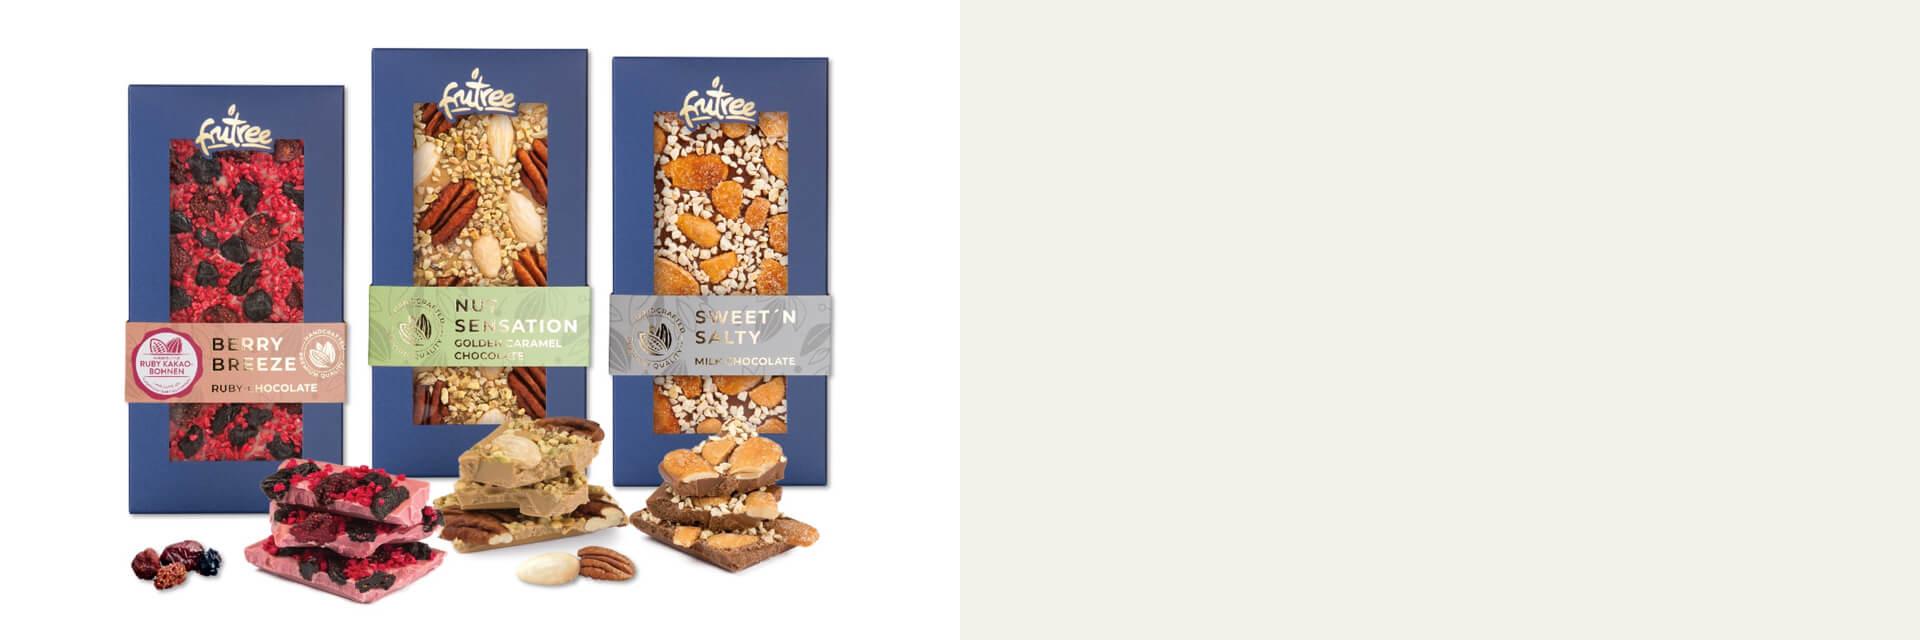 Nové výrobky z jemnej čokolády, sušeného ovocia a orechov s garanciou čistej a prirodzenej chute priamo od výrobcu FruTree